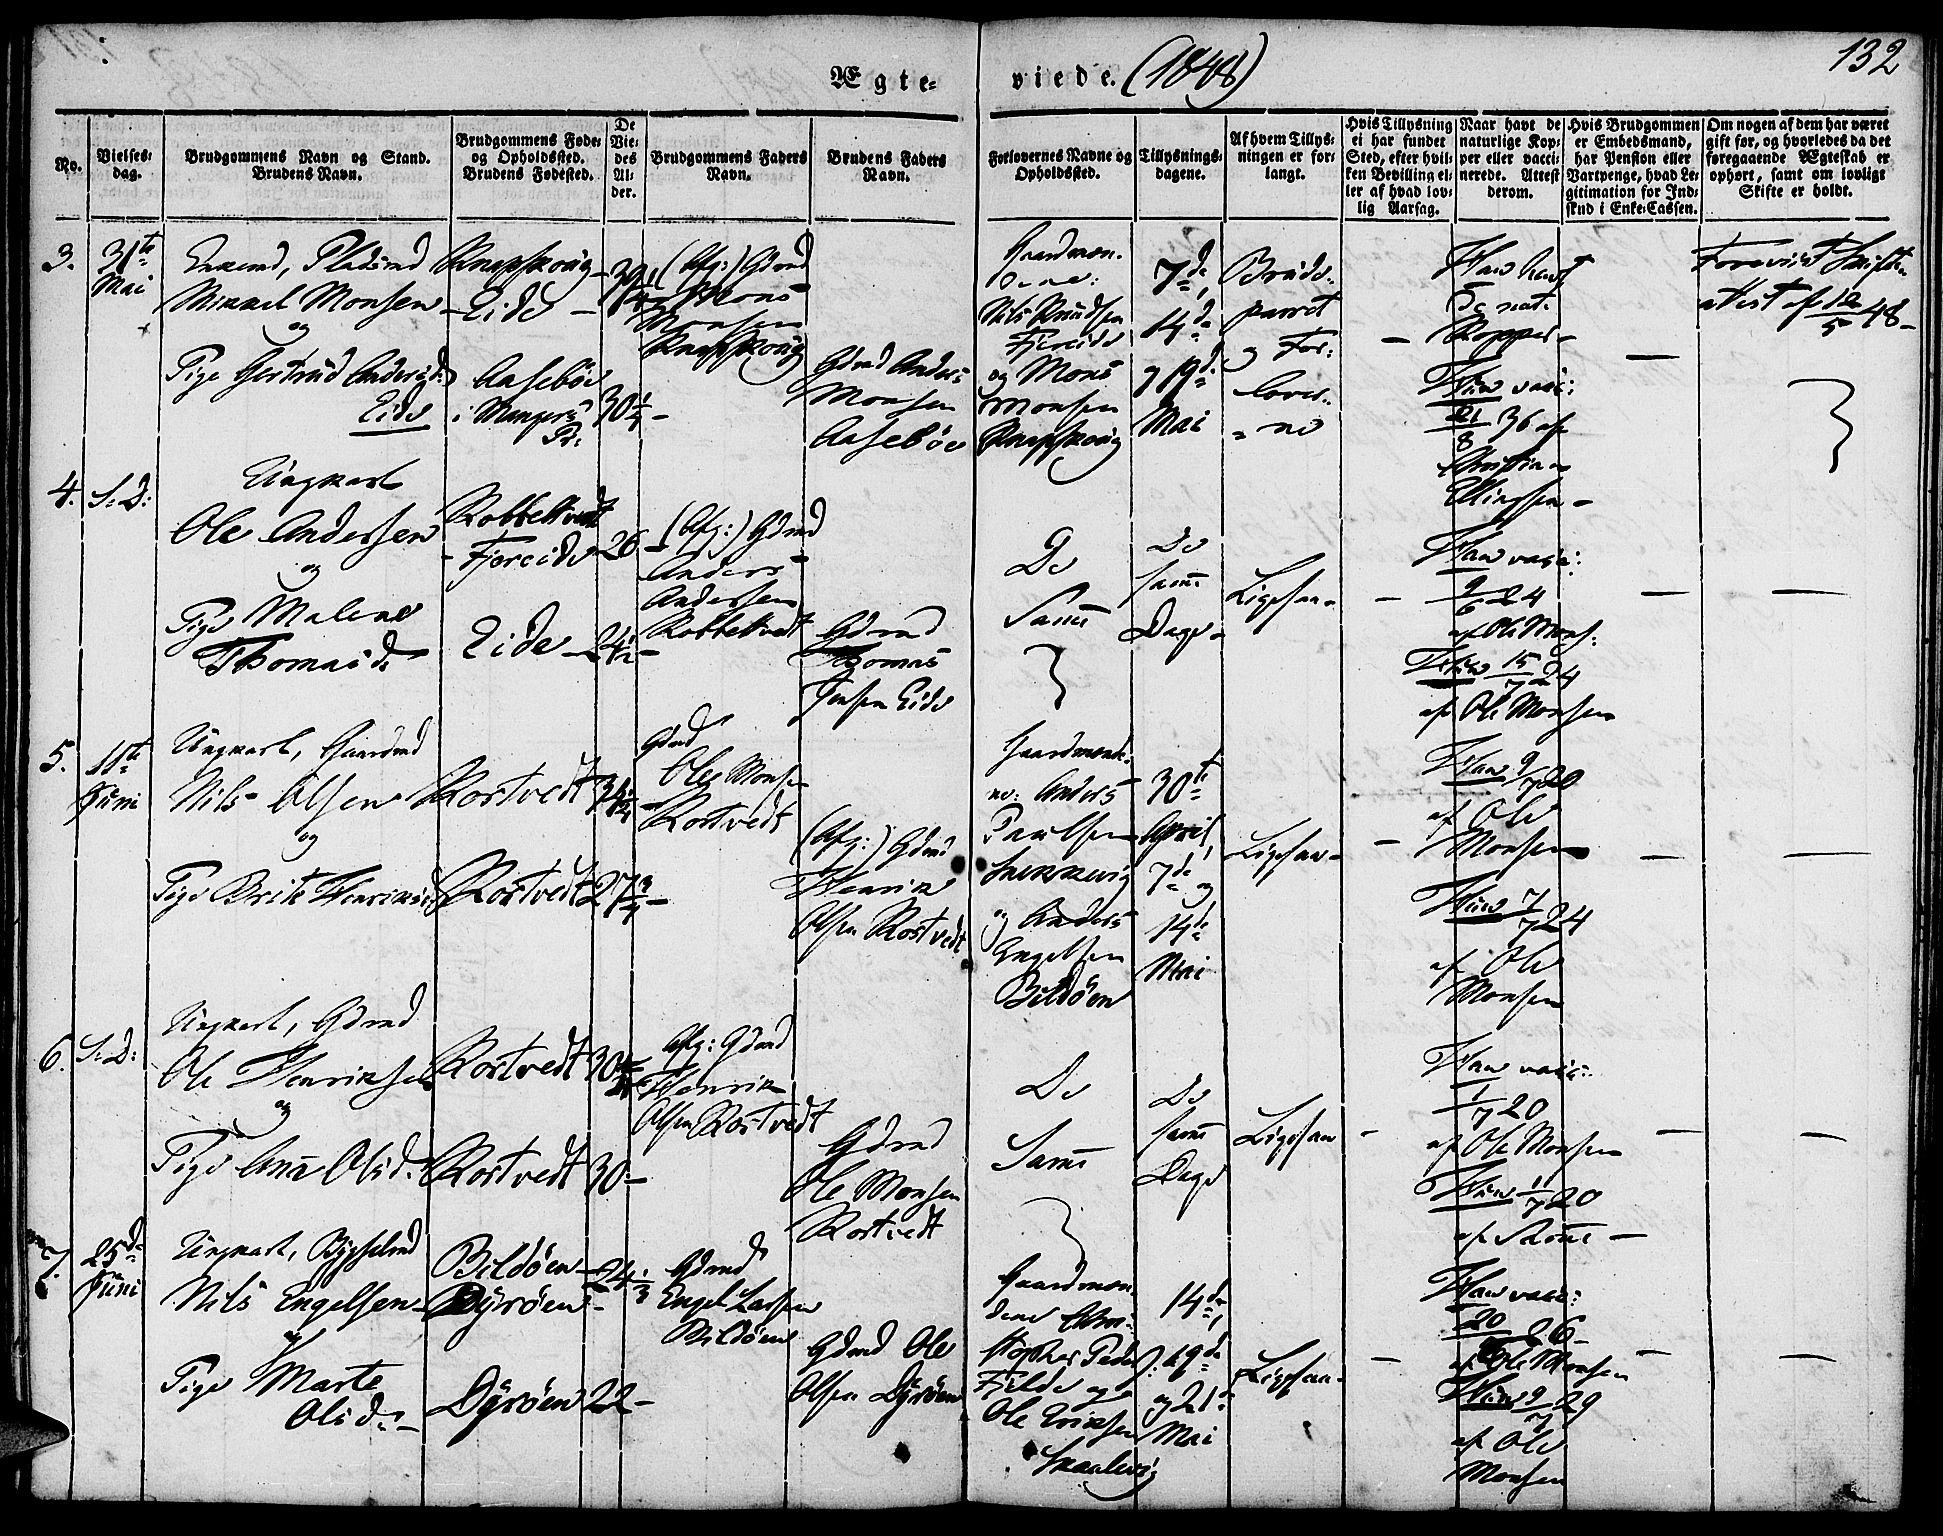 SAB, Fjell sokneprestembete, H/Haa: Ministerialbok nr. A 1, 1835-1850, s. 132